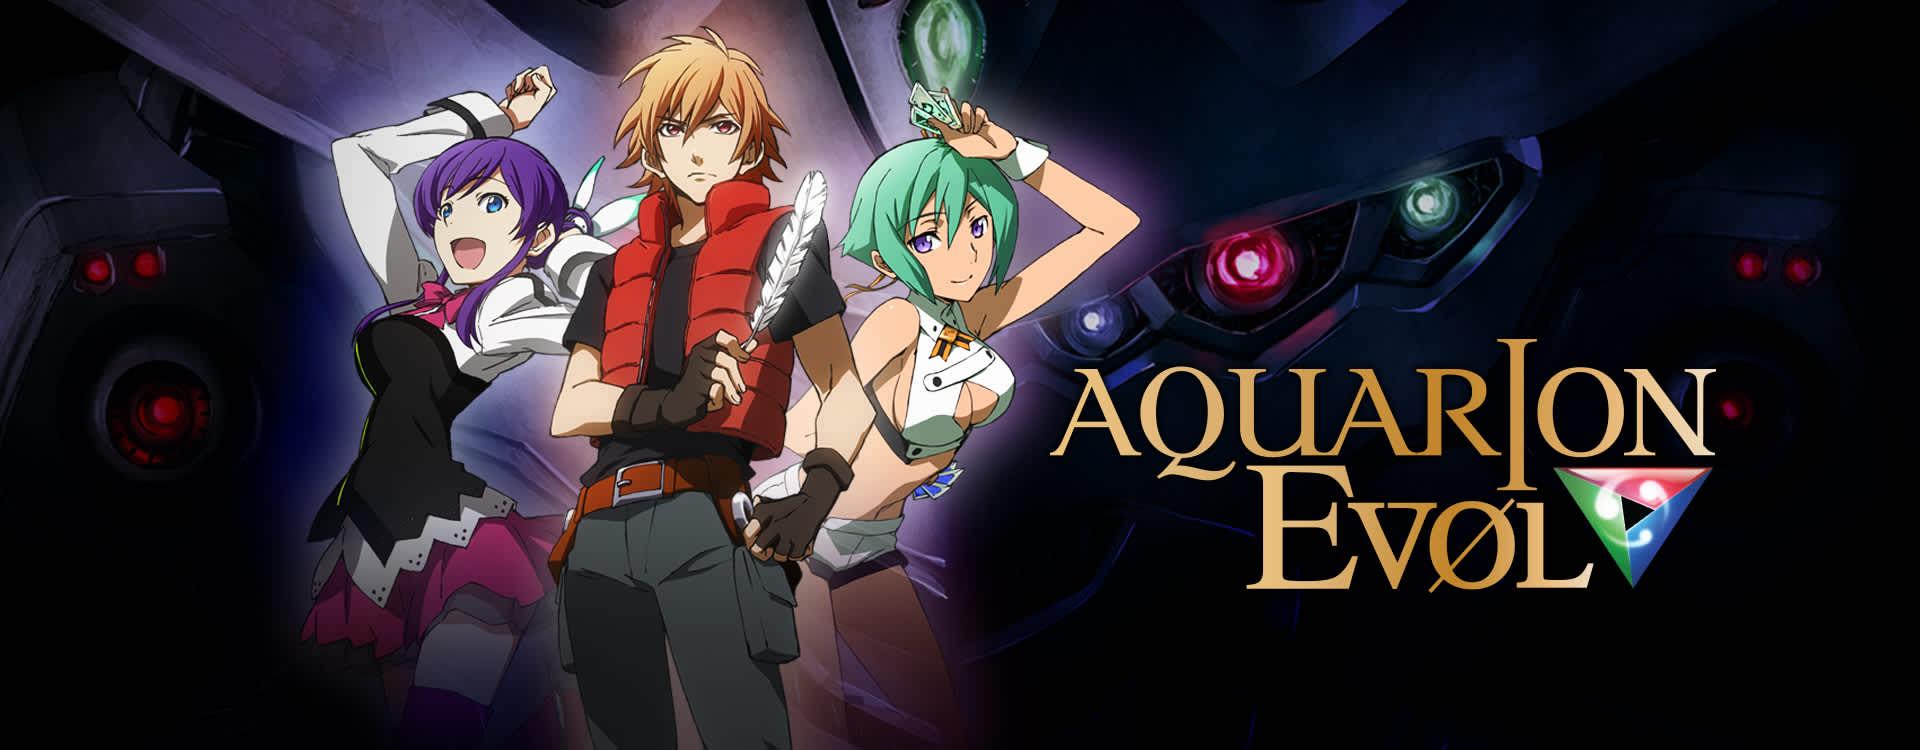 aquarion evol episode 6 sub indo